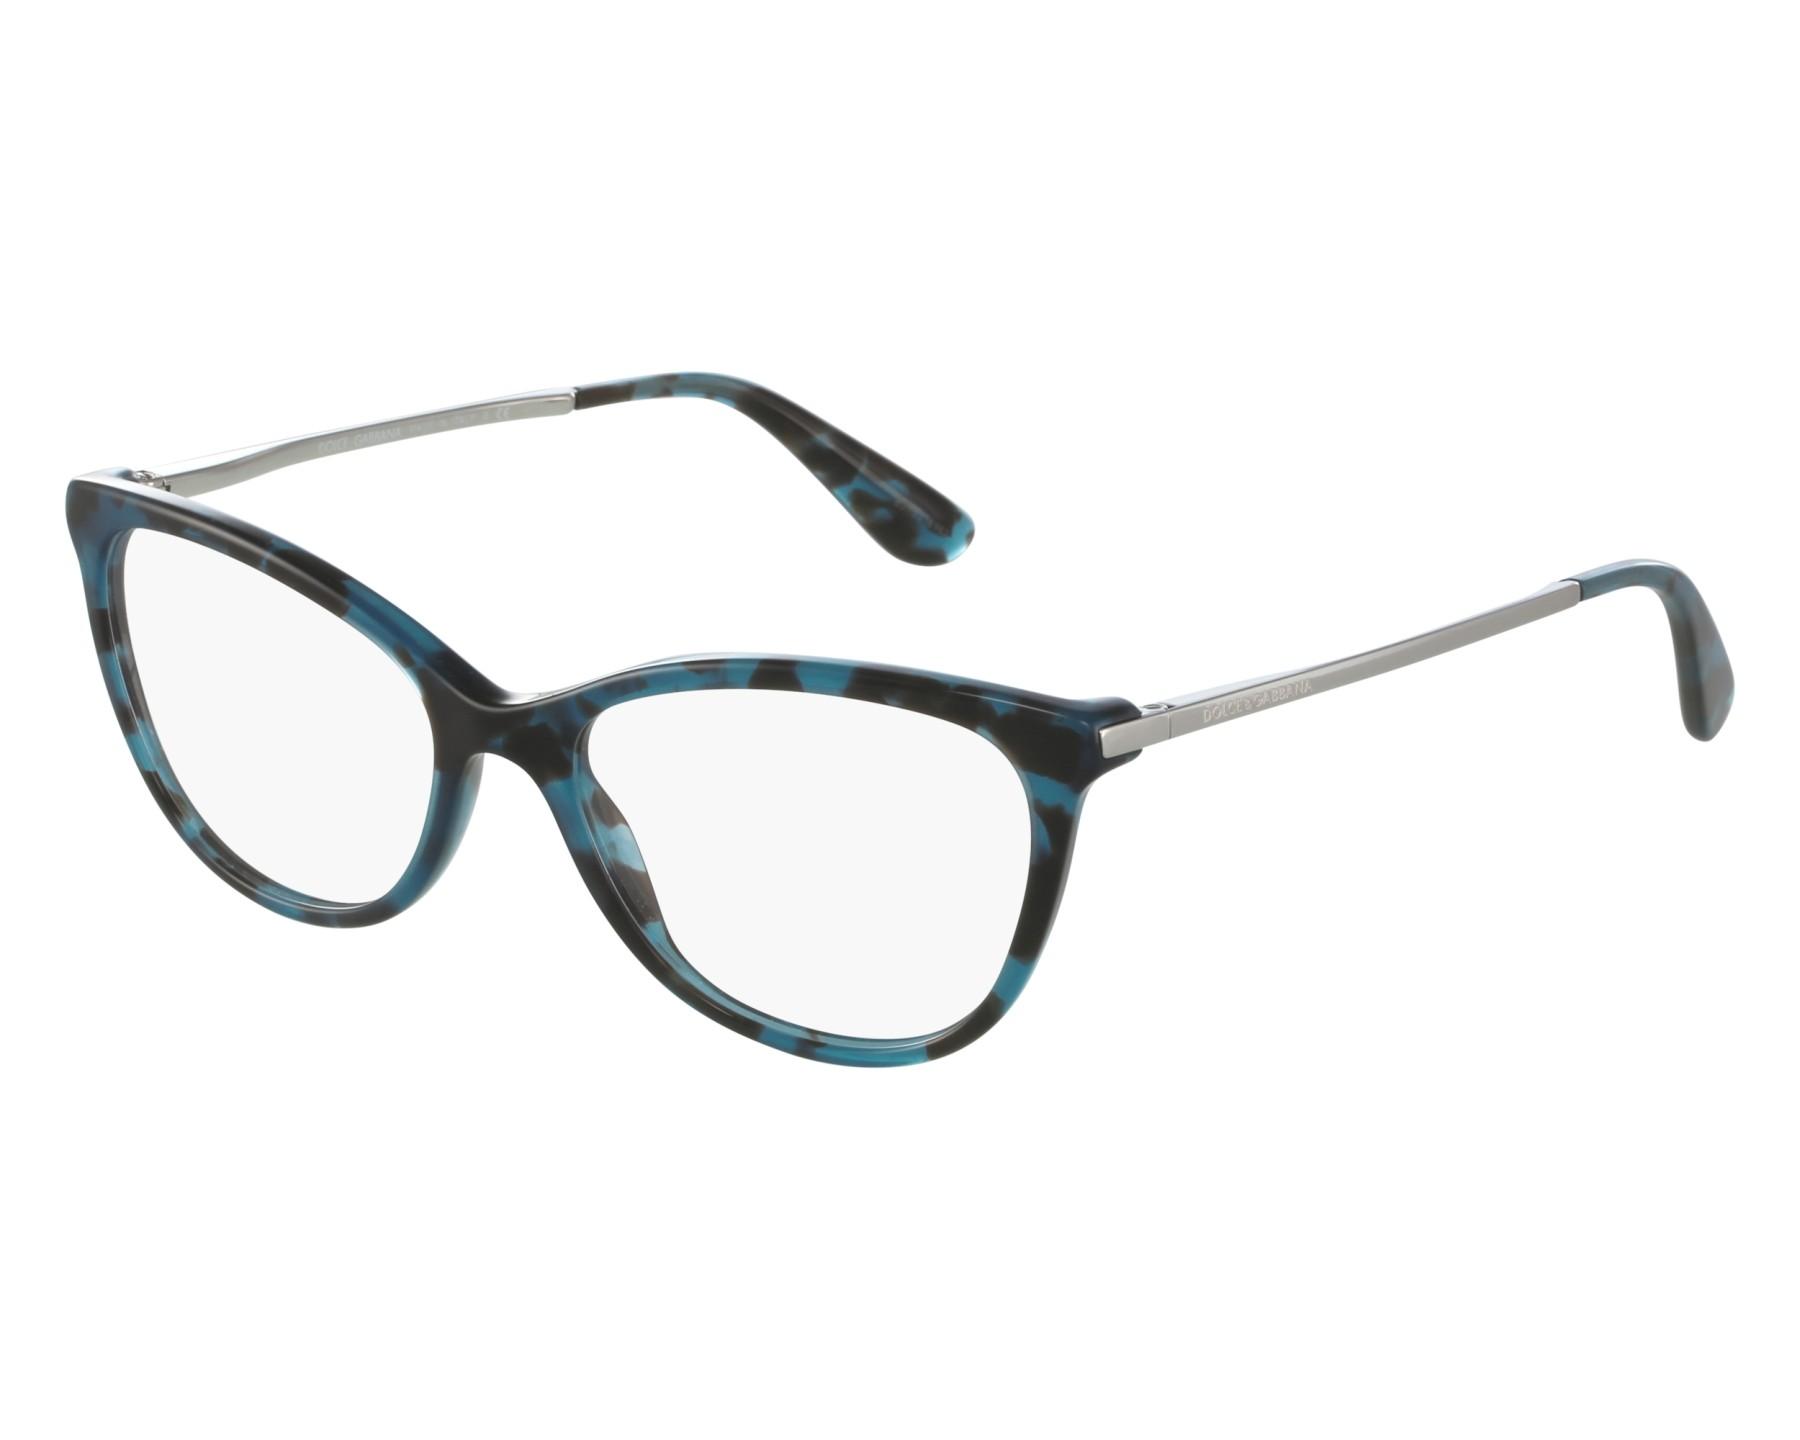 orig dolce gabbana brille brillengestell dg3258. Black Bedroom Furniture Sets. Home Design Ideas